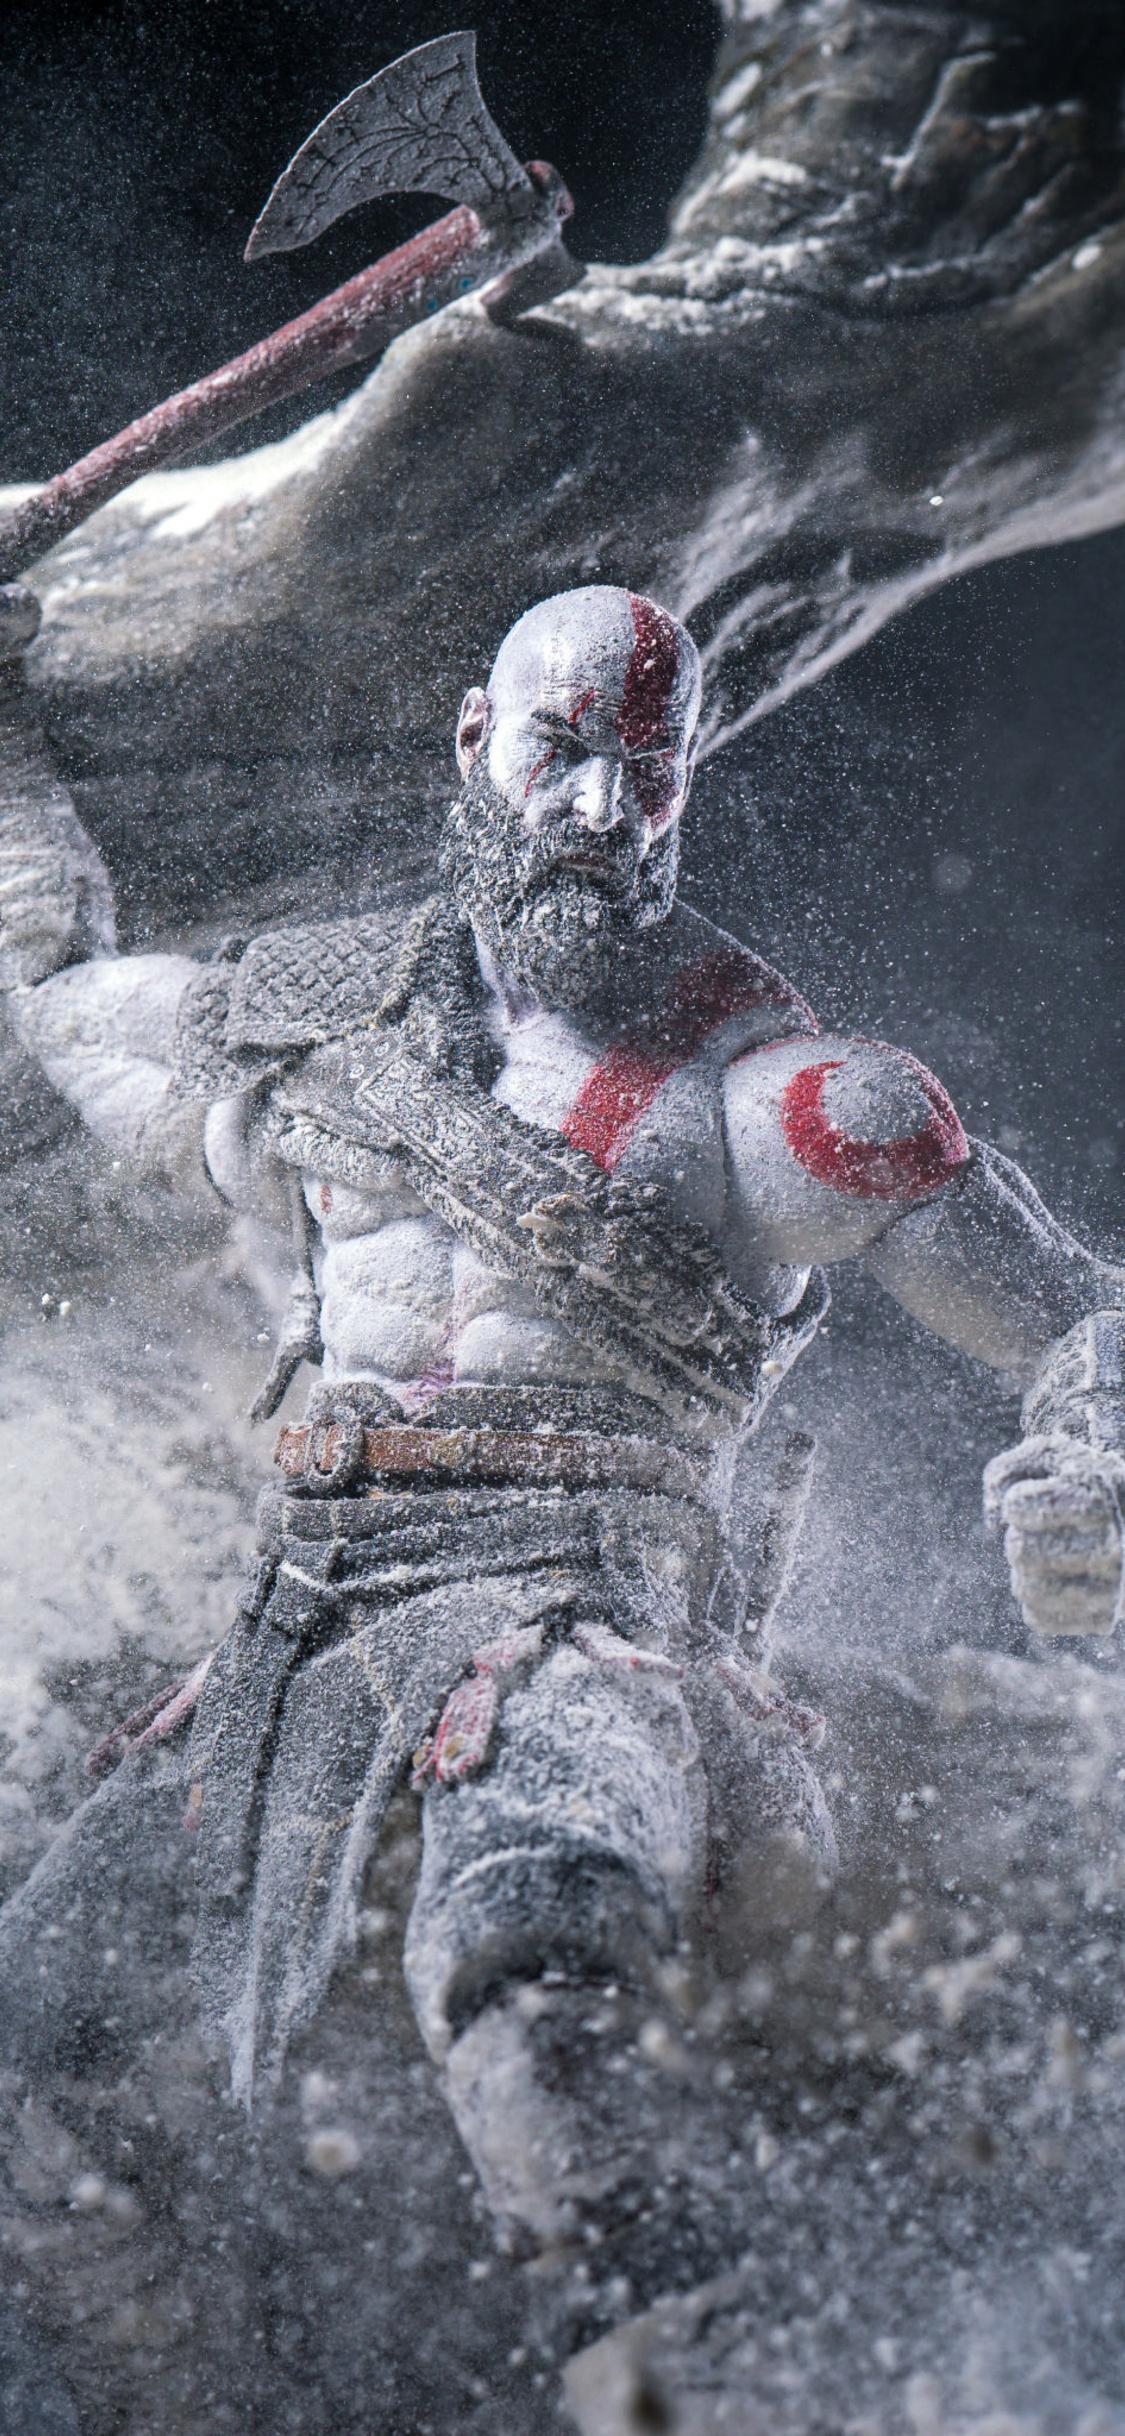 1125x2436 Kratos God Of War Video Game Iphone Xs Iphone 10